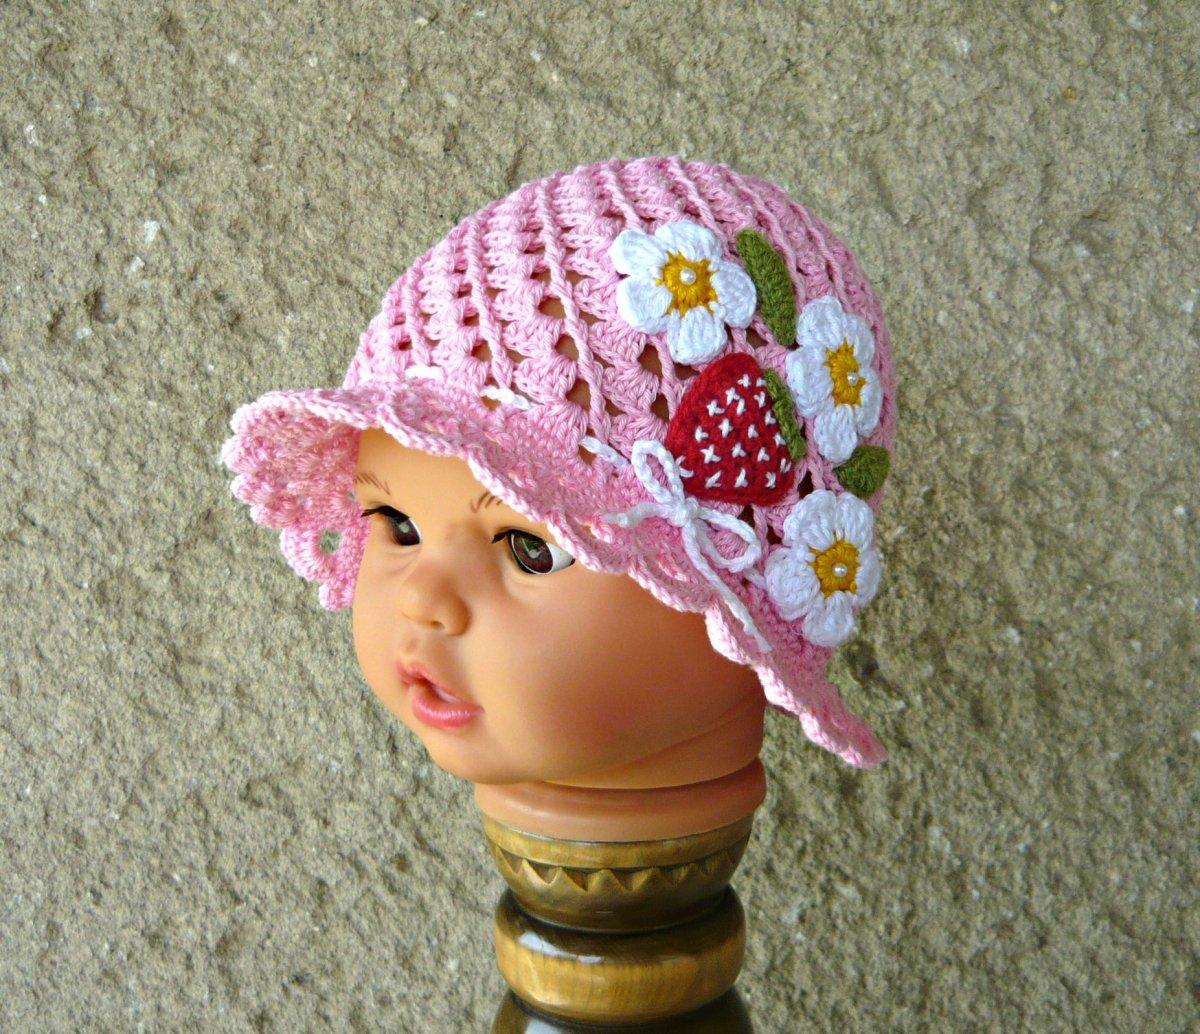 e98abb69312 Růžový háčkovaný klobouček jahůdkový  -) – Potvor - pomáhat tvořit